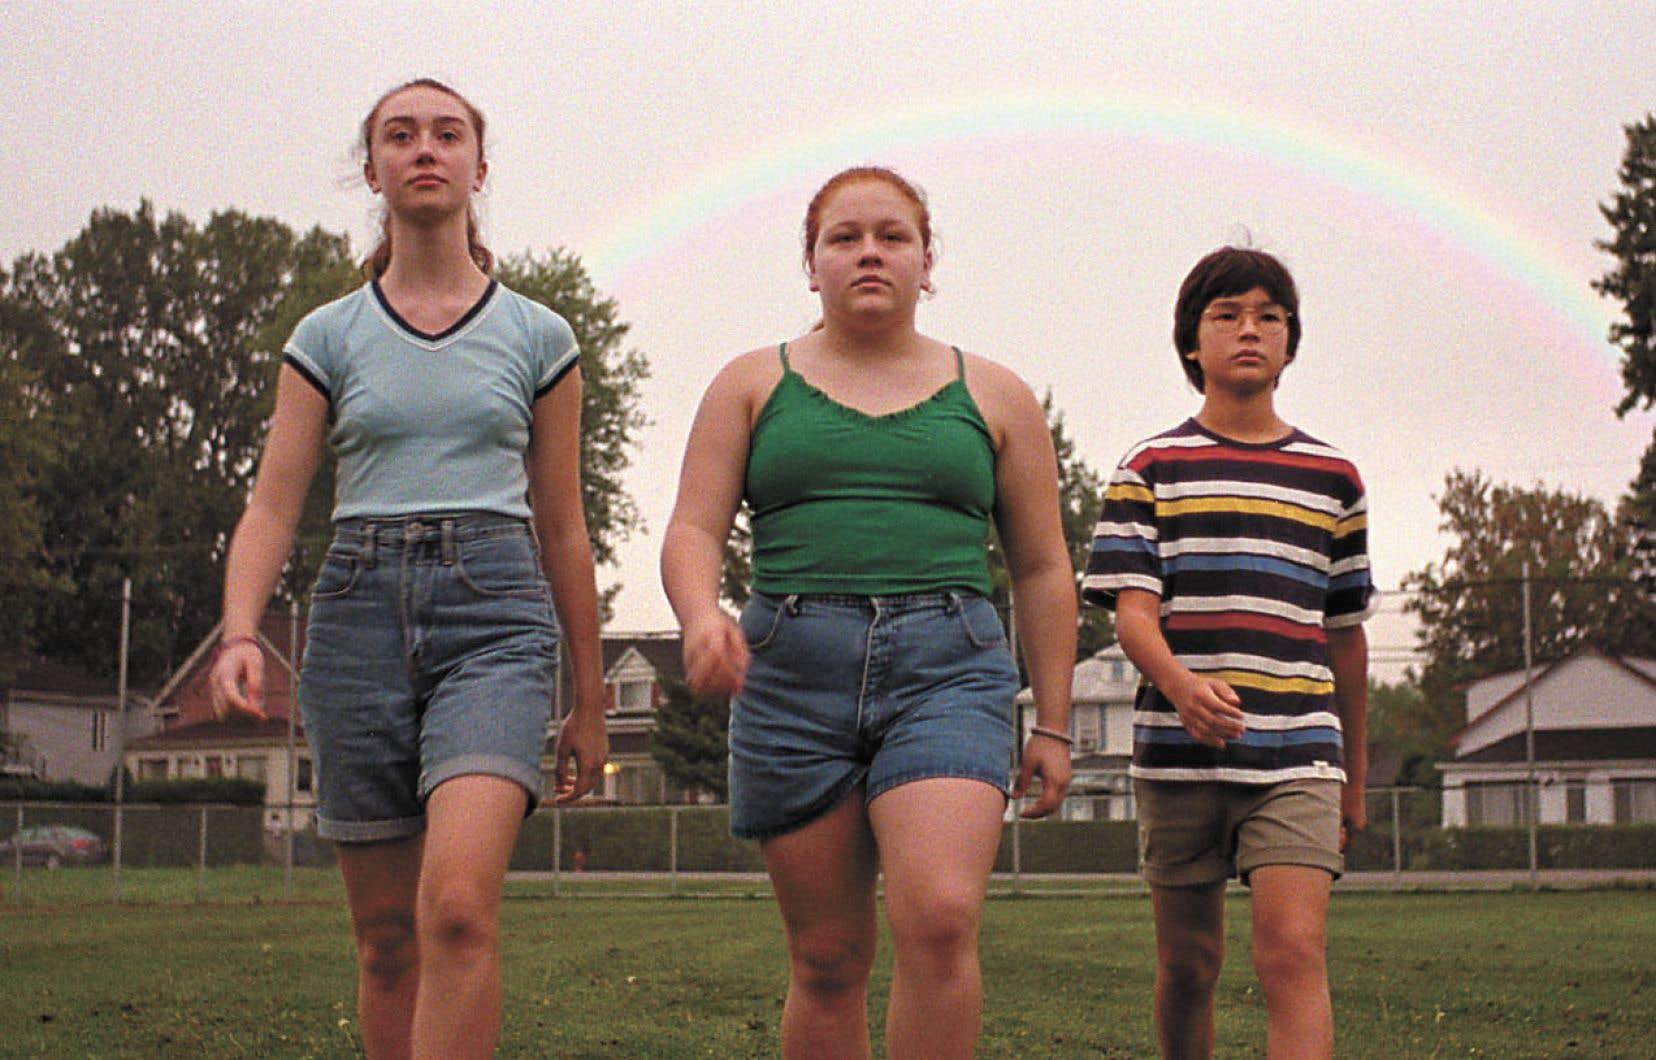 Juliette (Alexane Jamieson) a 14ans et, à l'instar d'autres enfants en surpoids, elle doit faire face aux moqueries et à l'isolement.